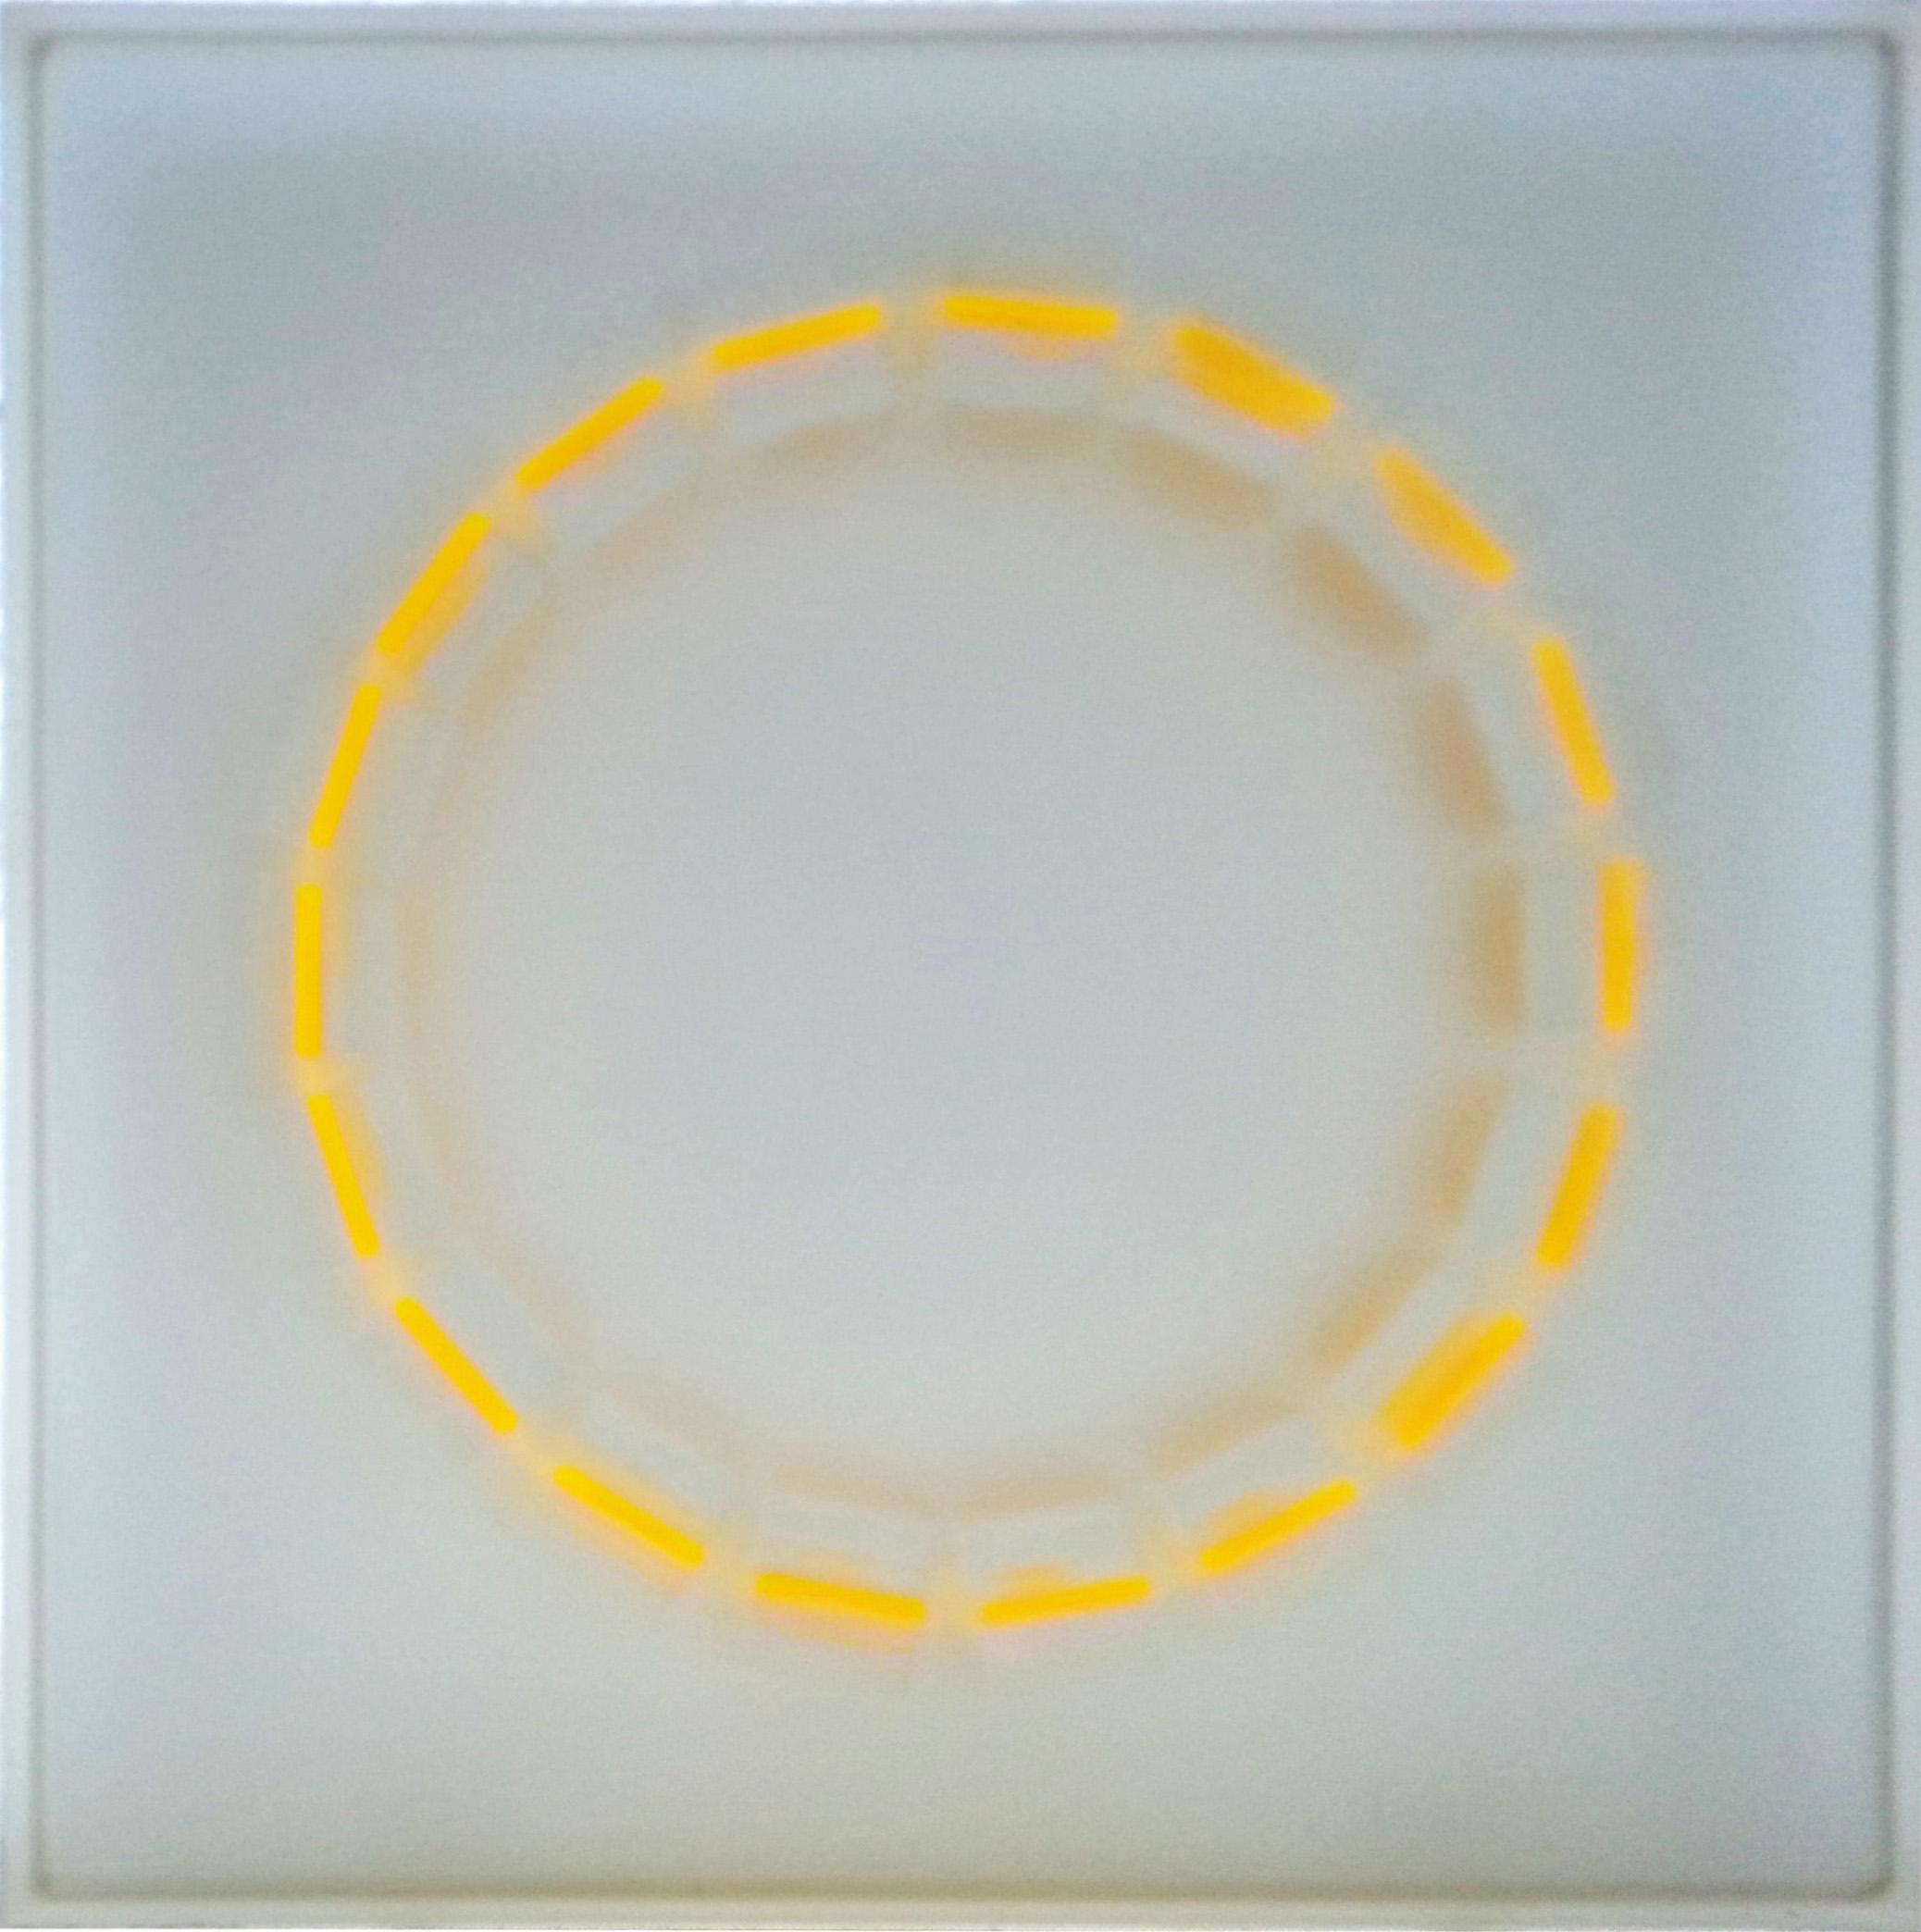 Tamar Klar, Gedankenbeschleuniger, 2017